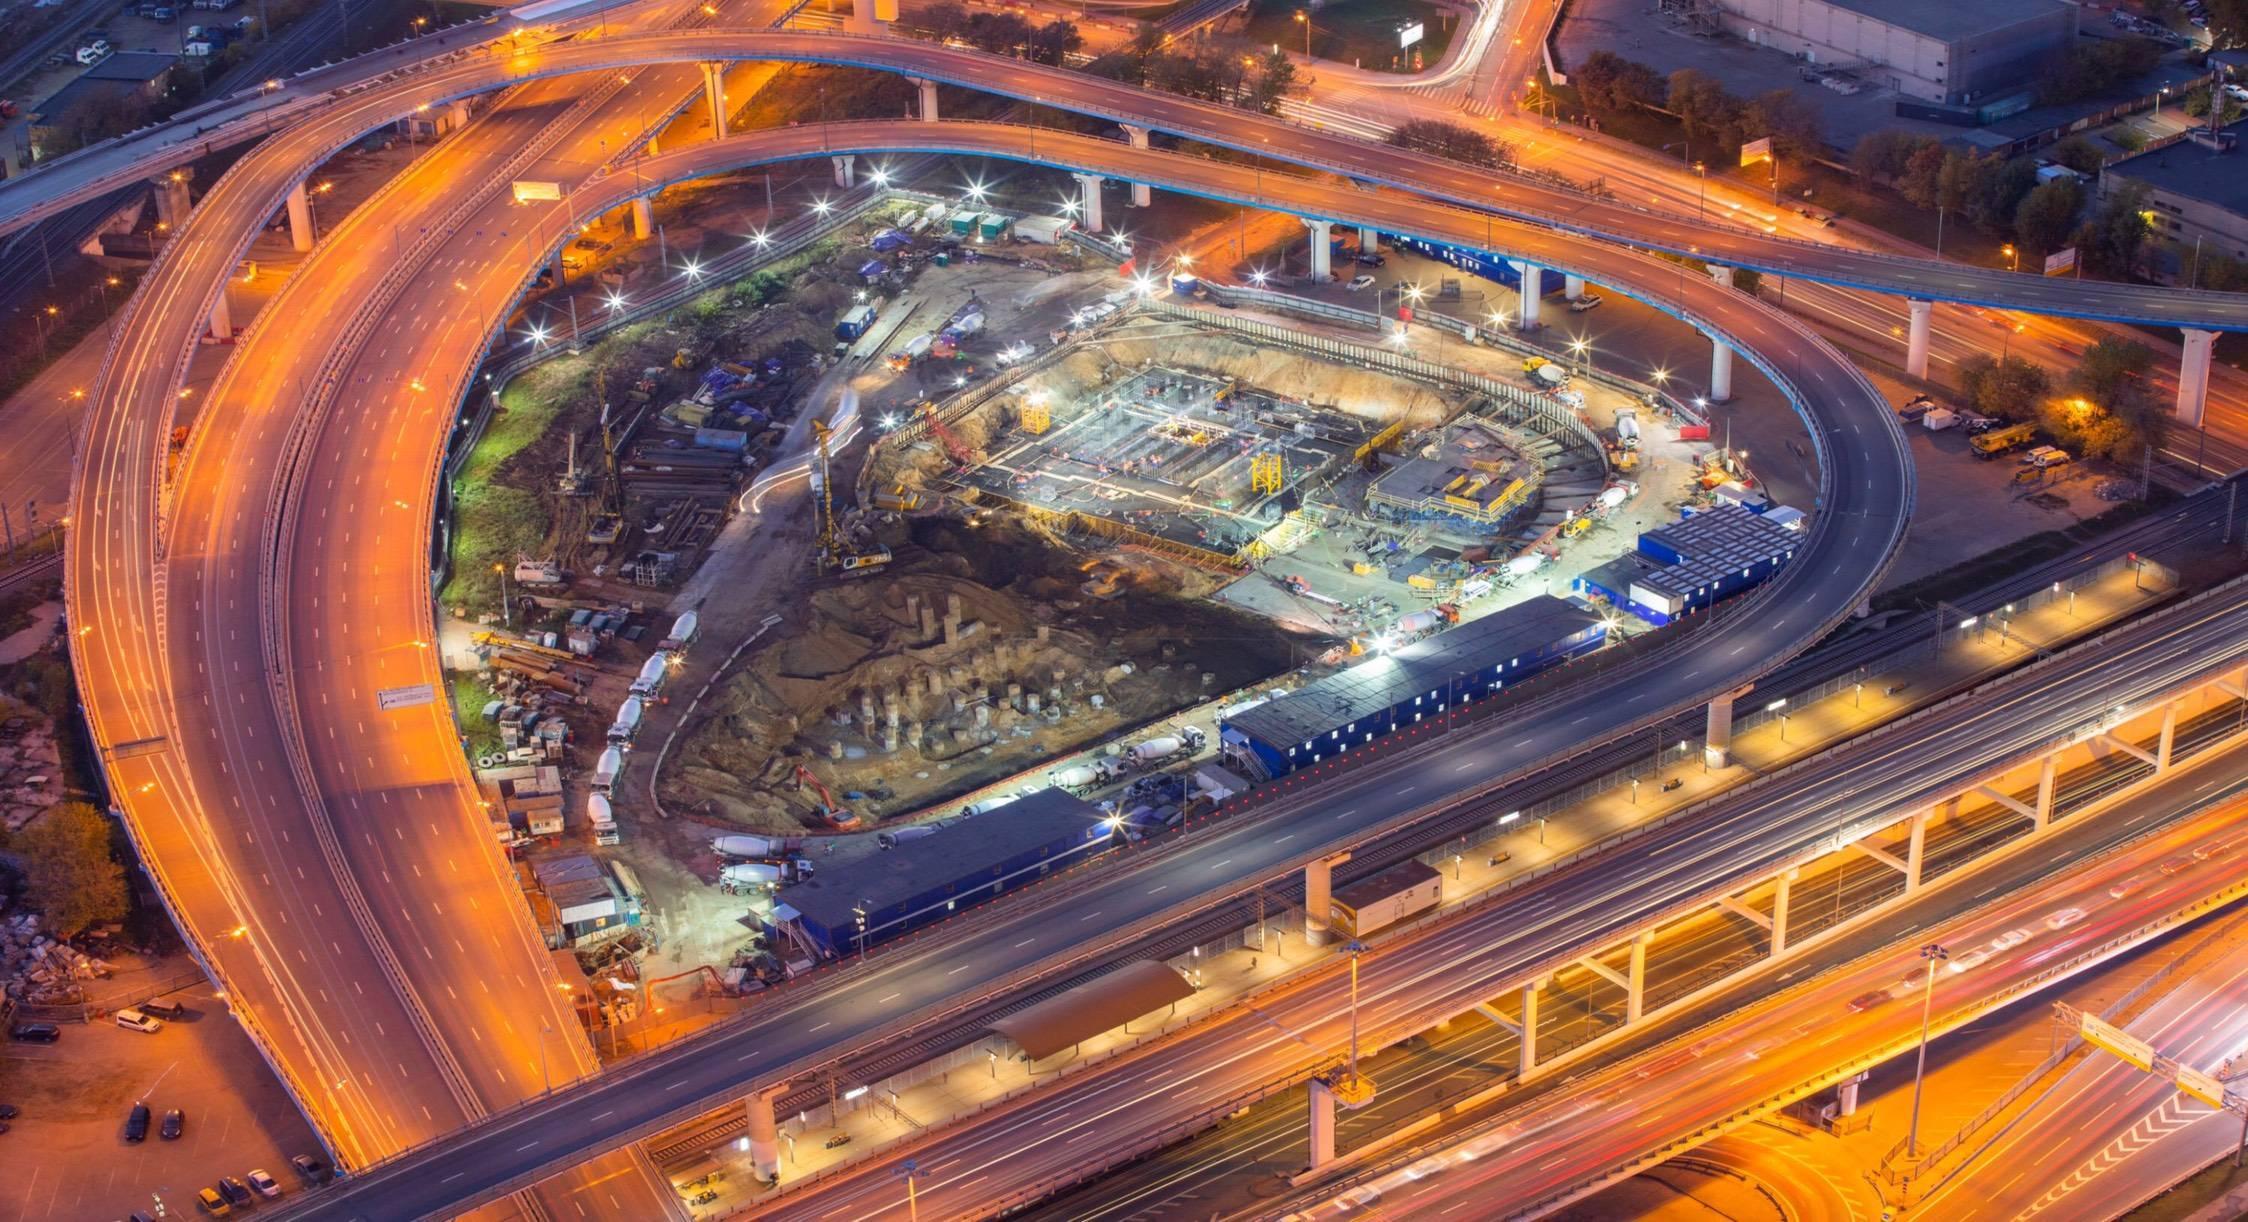 Объем бетона для строительства 15-этажного дома был уложен за 2 дня в фундамент небоскребов iCITY